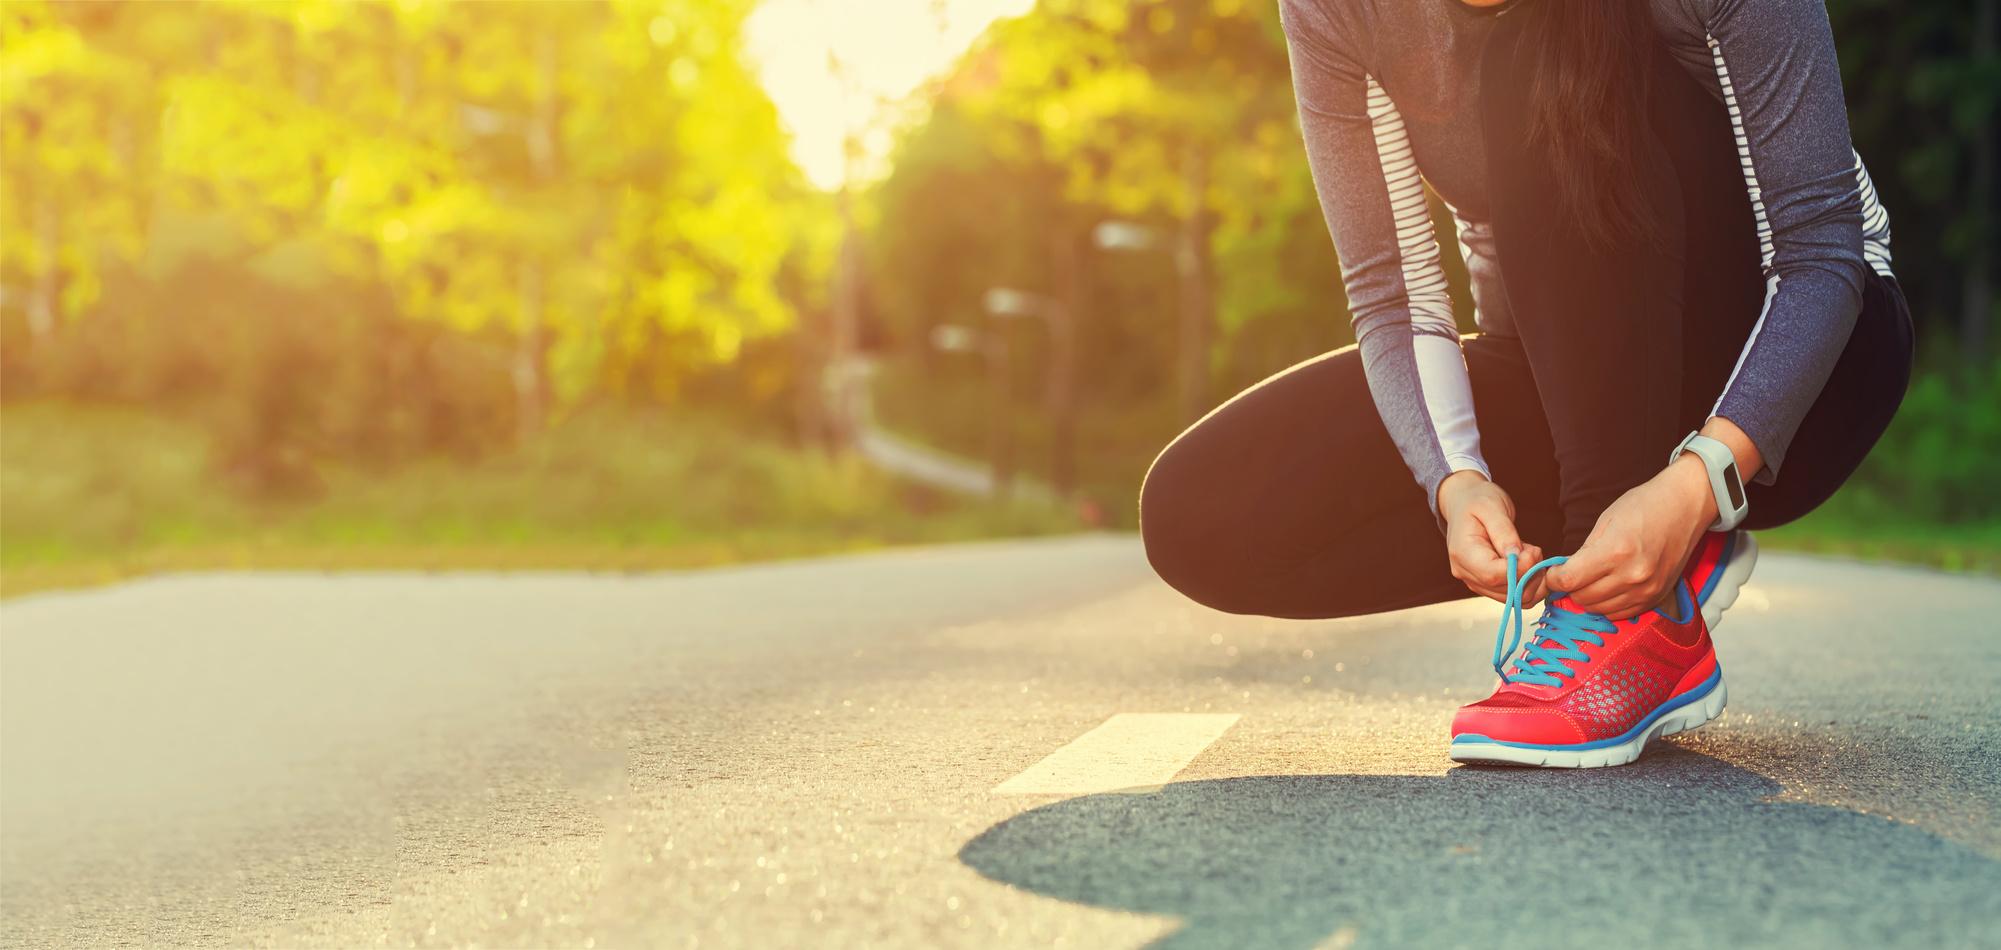 Frau beim Joggen - Sport und Spaß